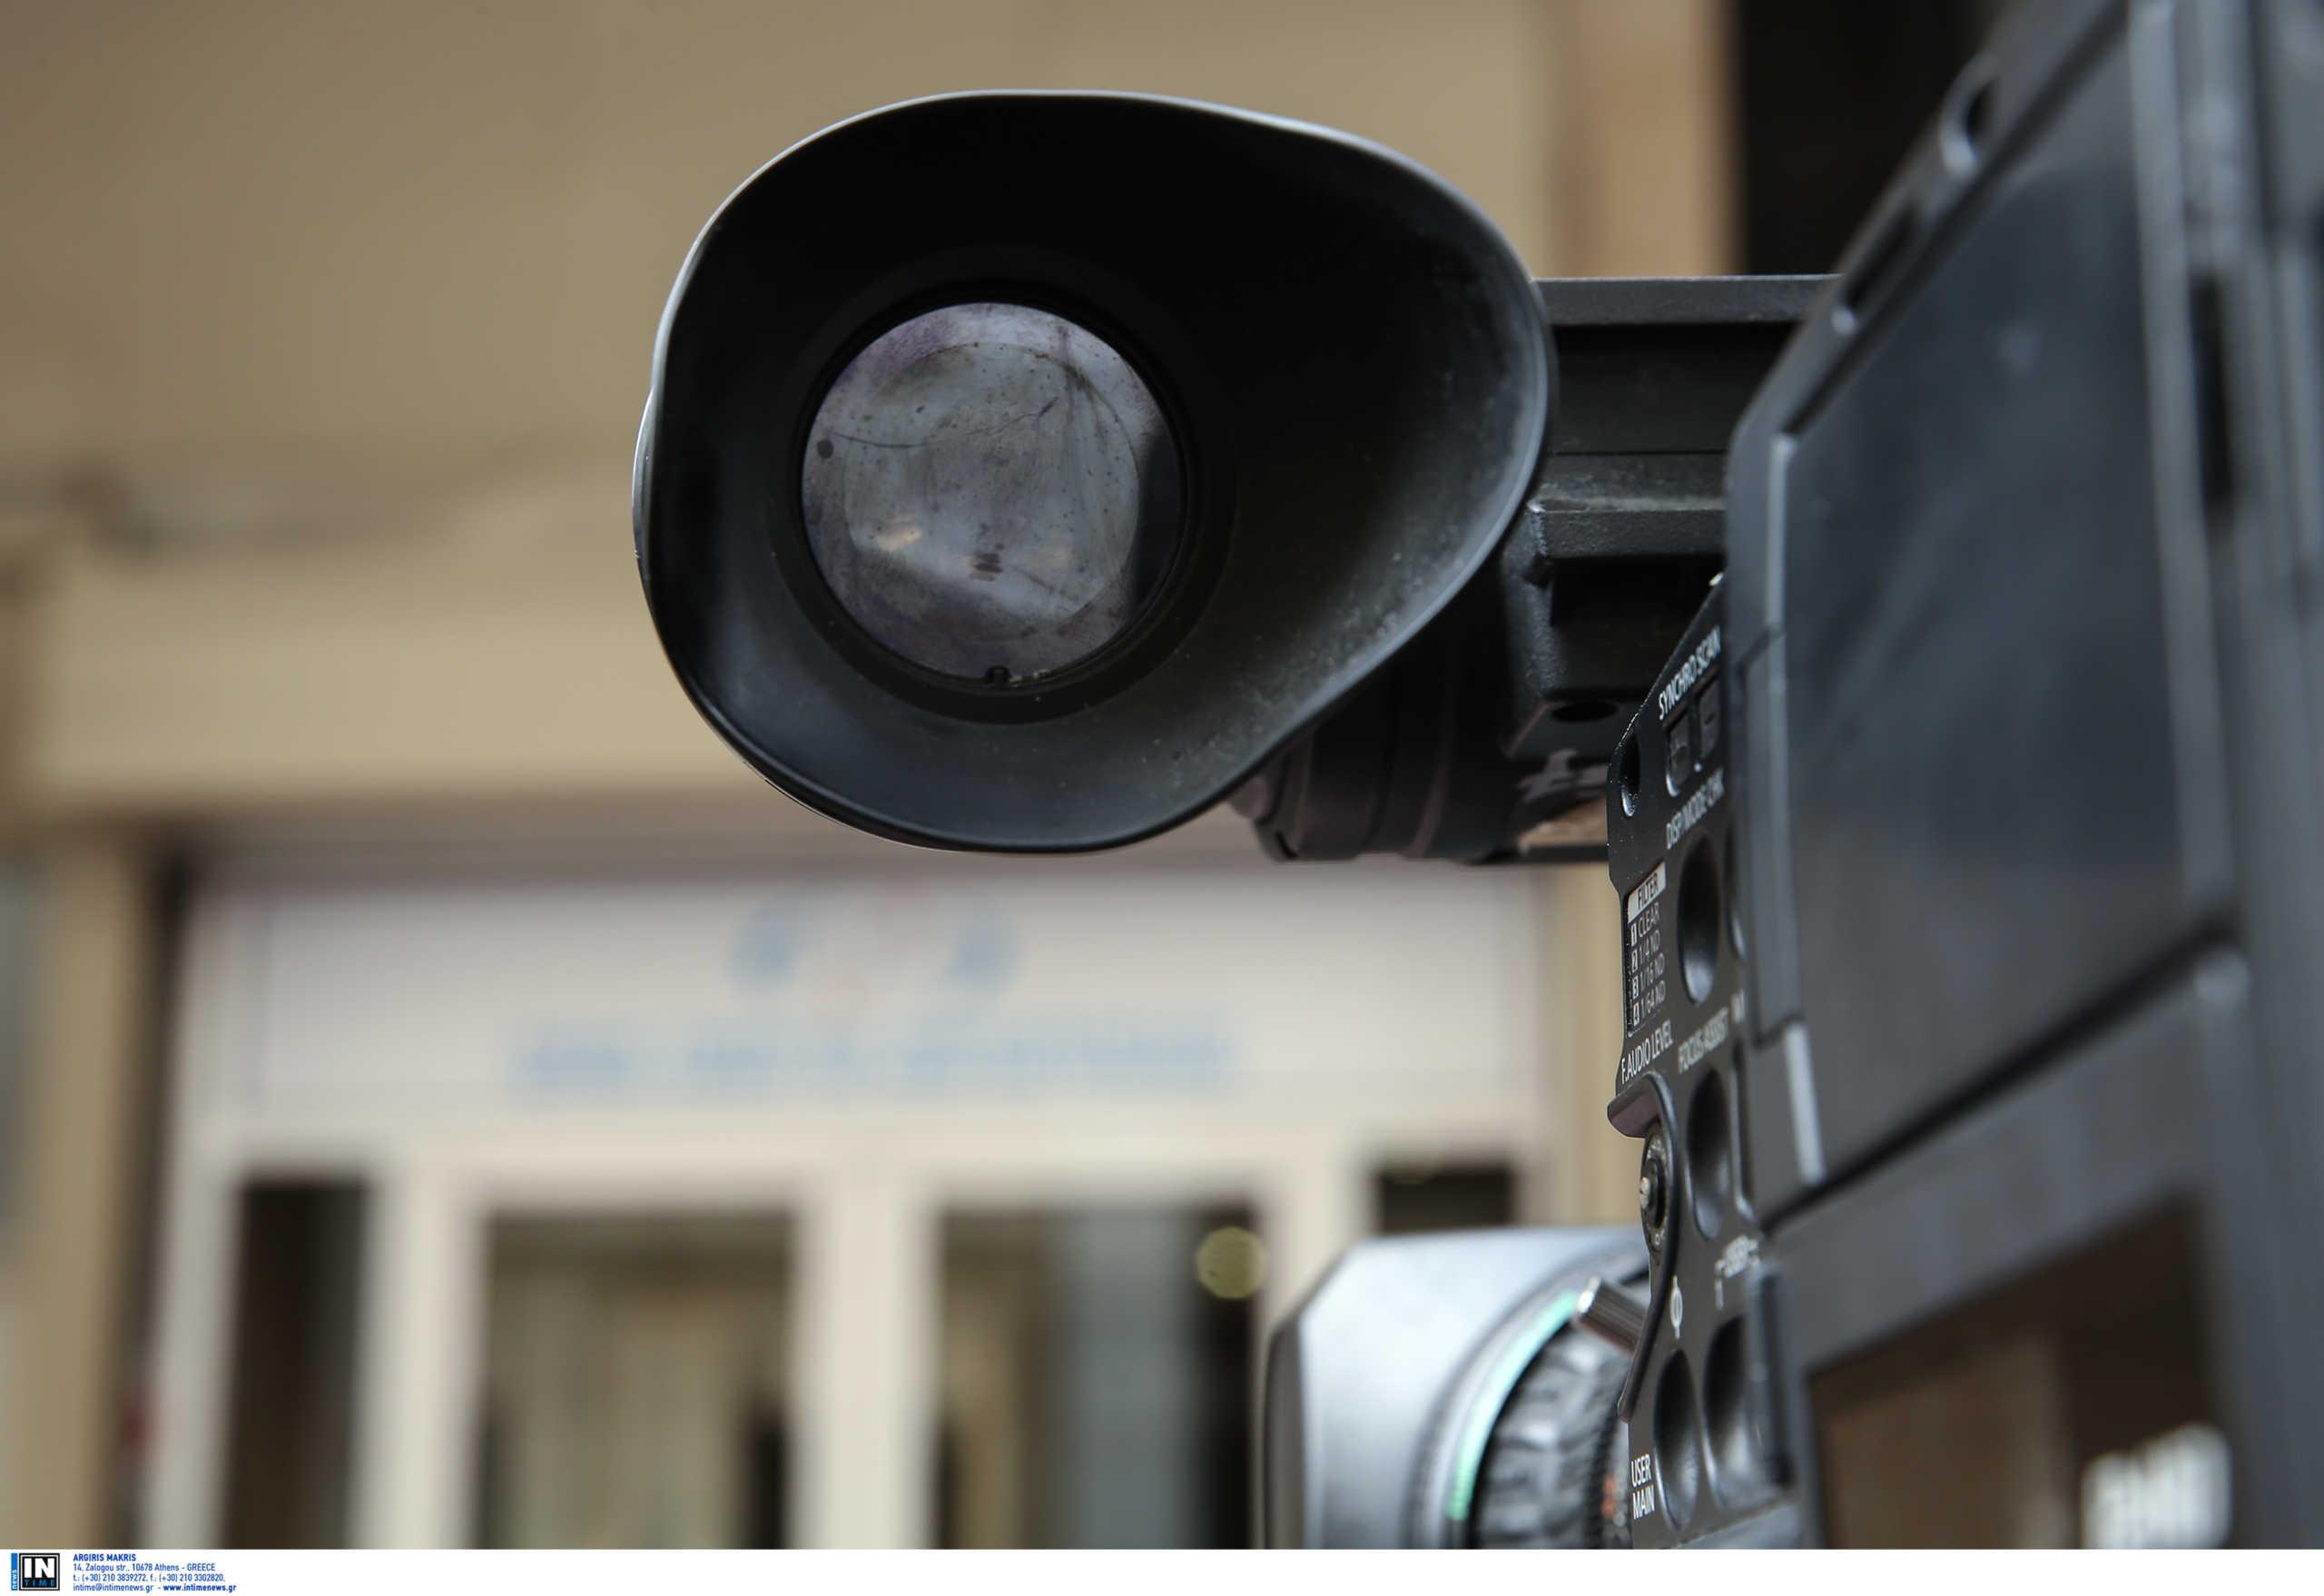 Θεσσαλονίκη: Καταγγελίες για σημεία και τέρατα σε εκκλησιαστικό σταθμό – «Δεν έβρισκα το δίκιο μου με τίποτα»